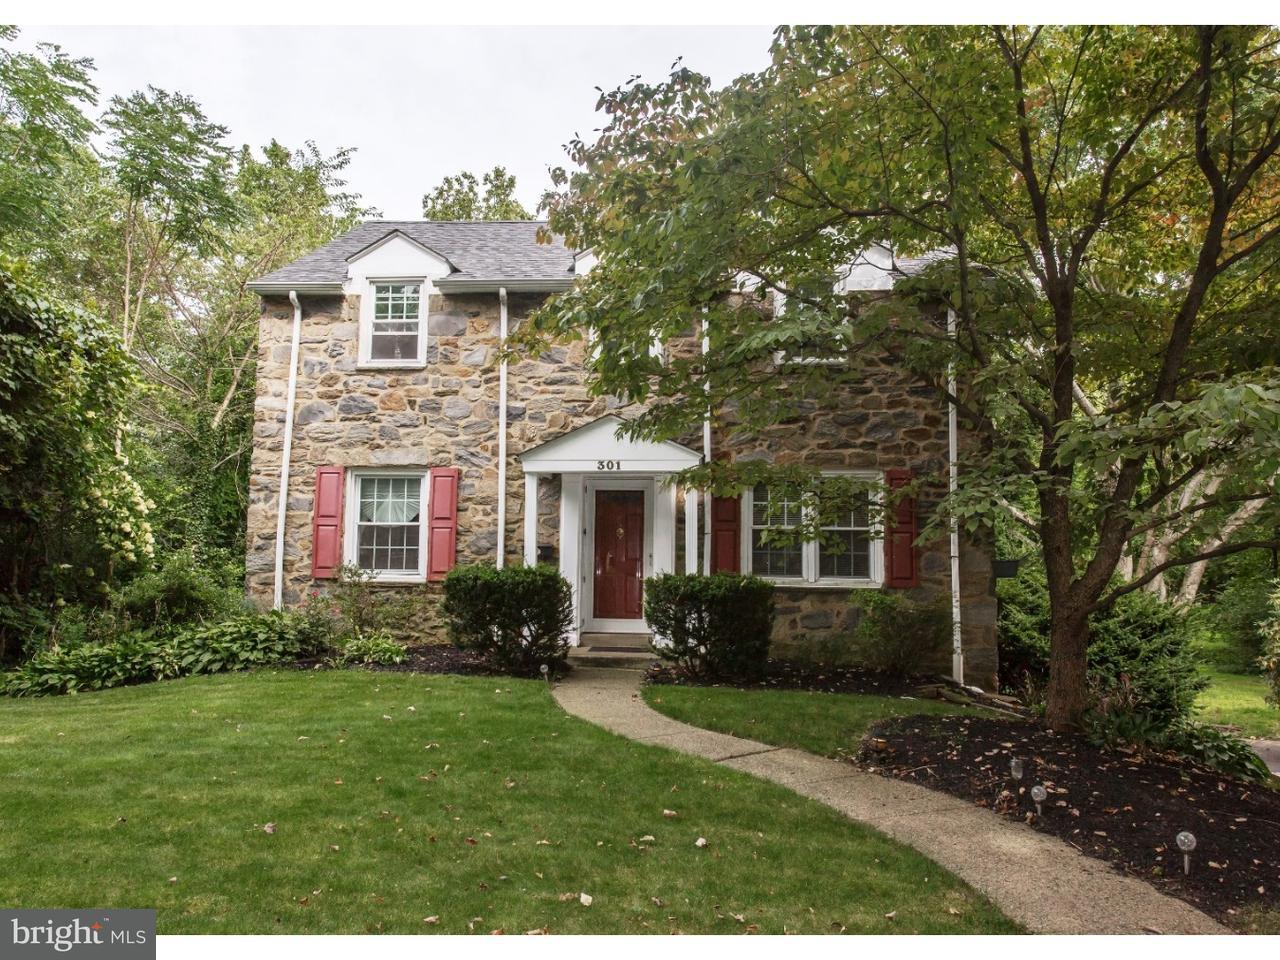 Частный односемейный дом для того Продажа на 301 RIVERVIEW Road Swarthmore, Пенсильвания 19081 Соединенные Штаты